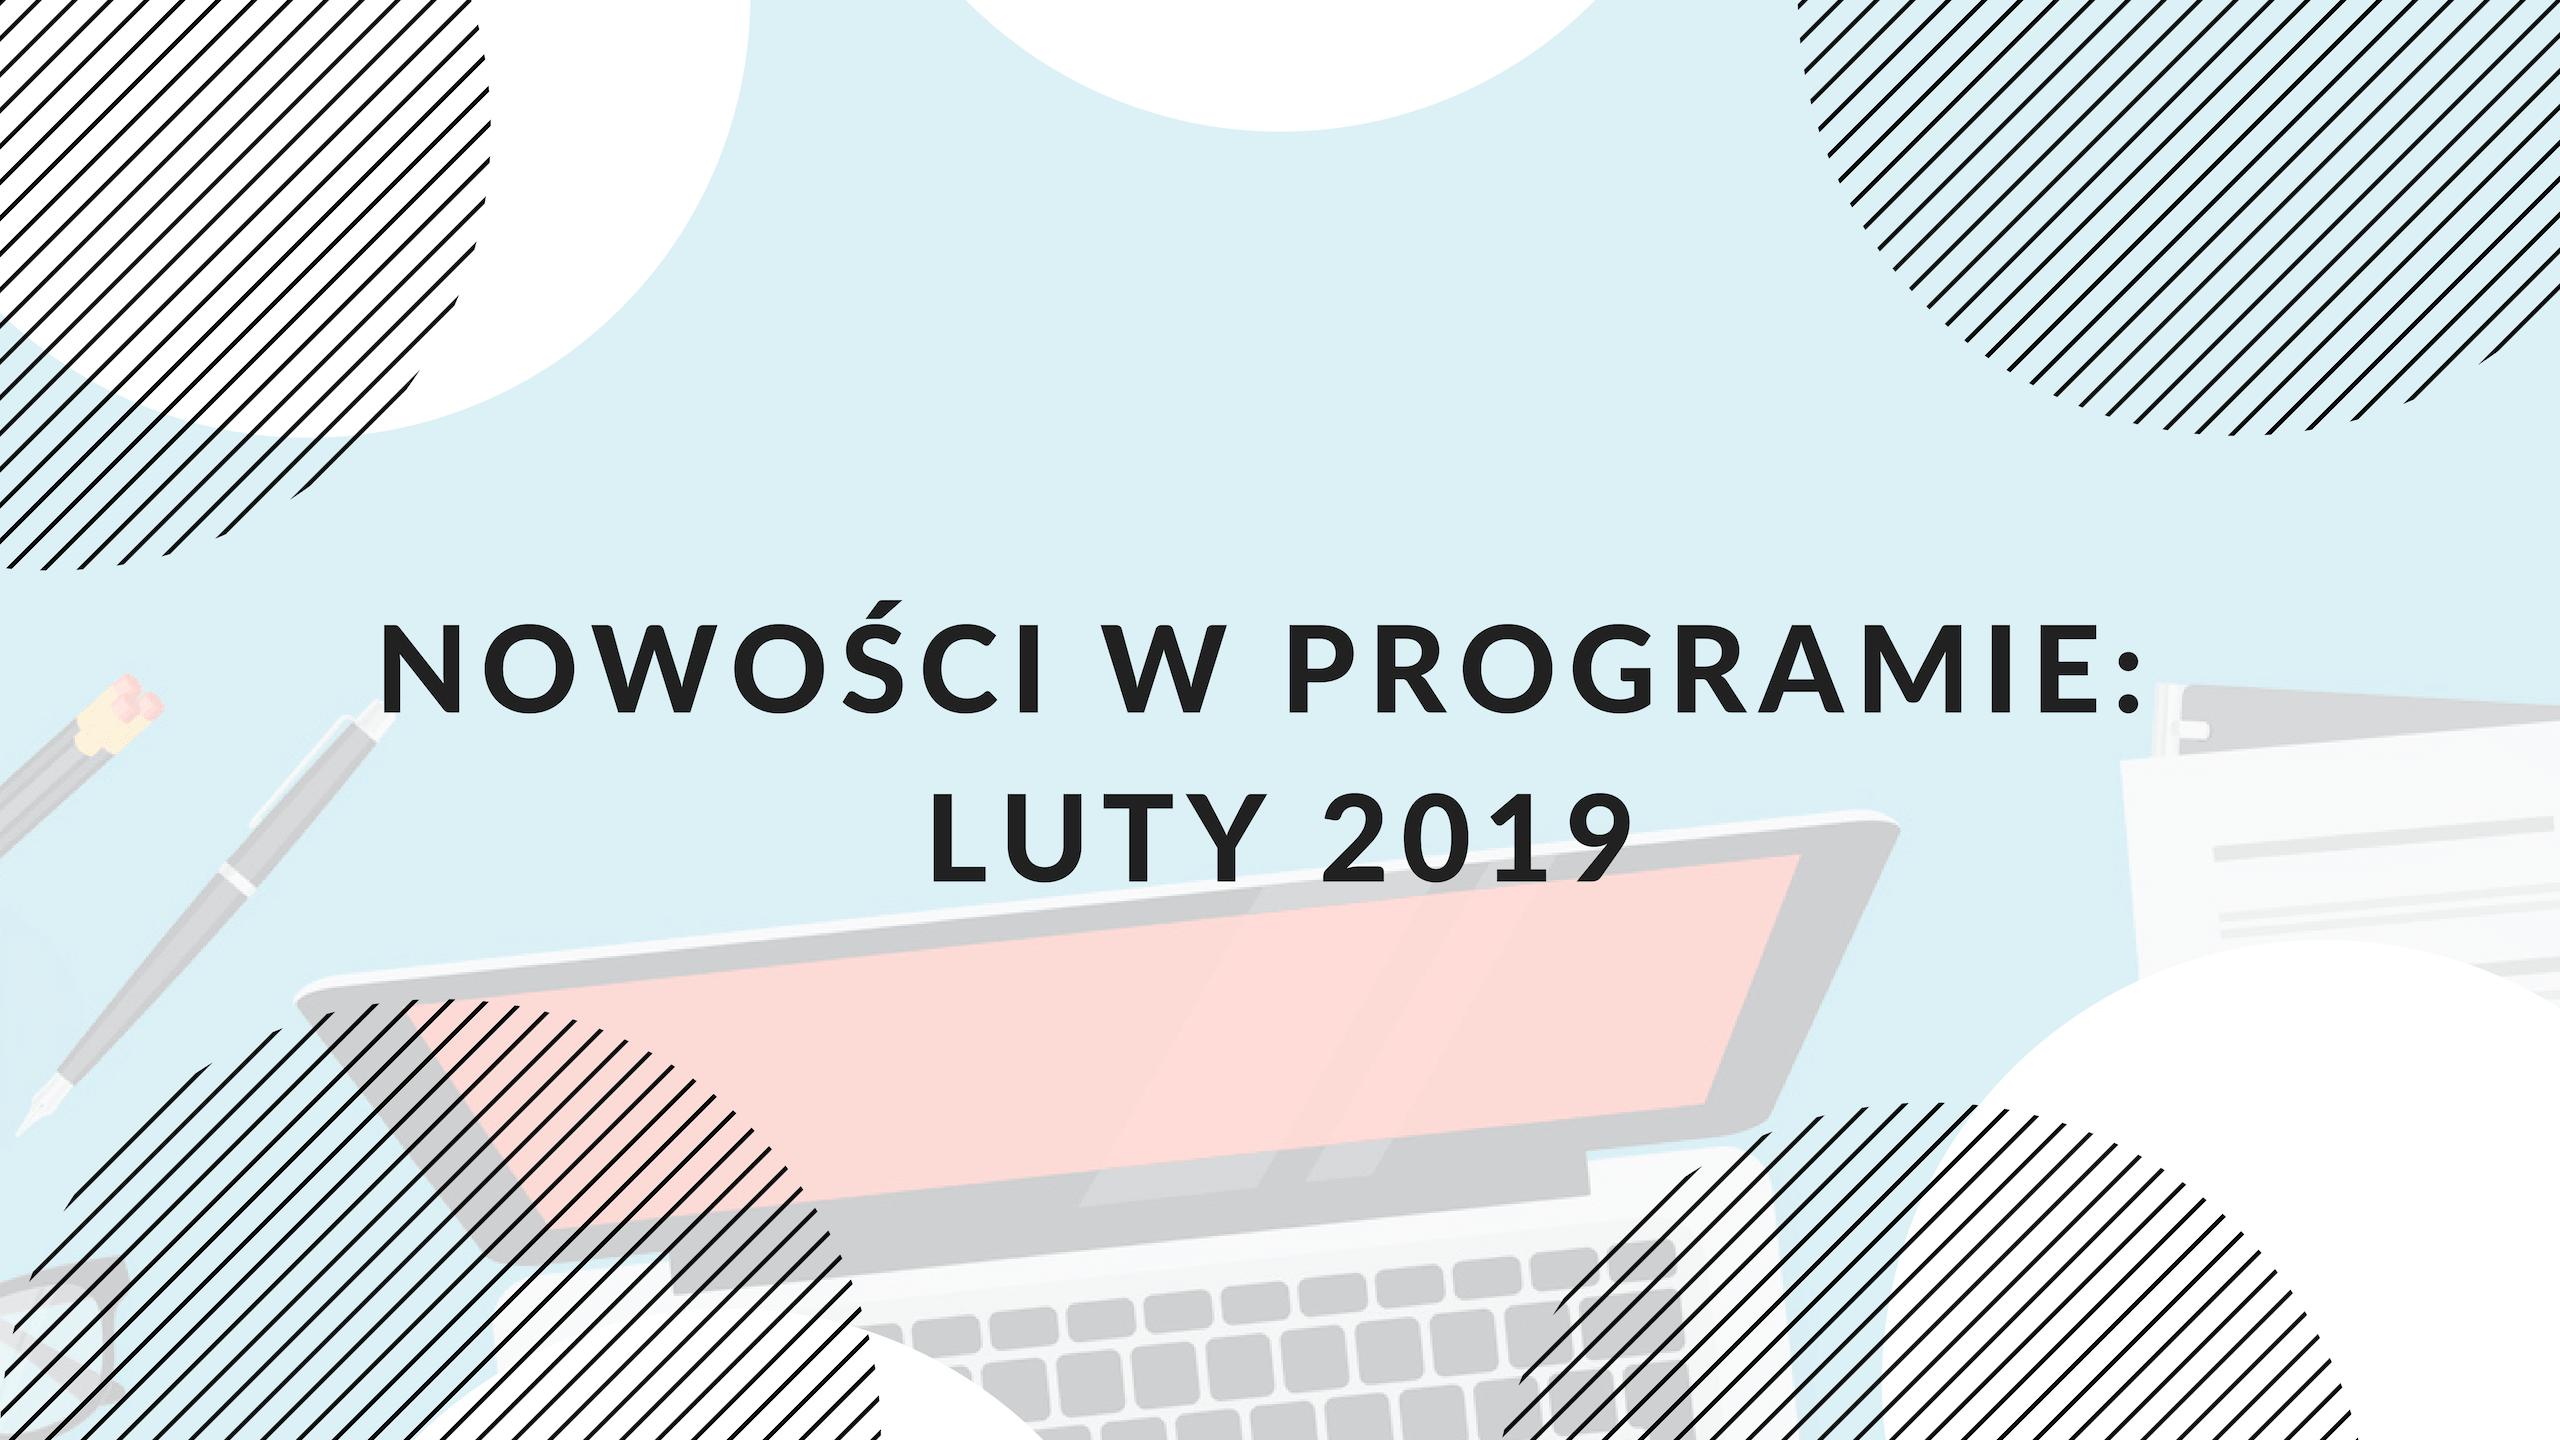 Nowe funkcjonalności w programie: luty 2019